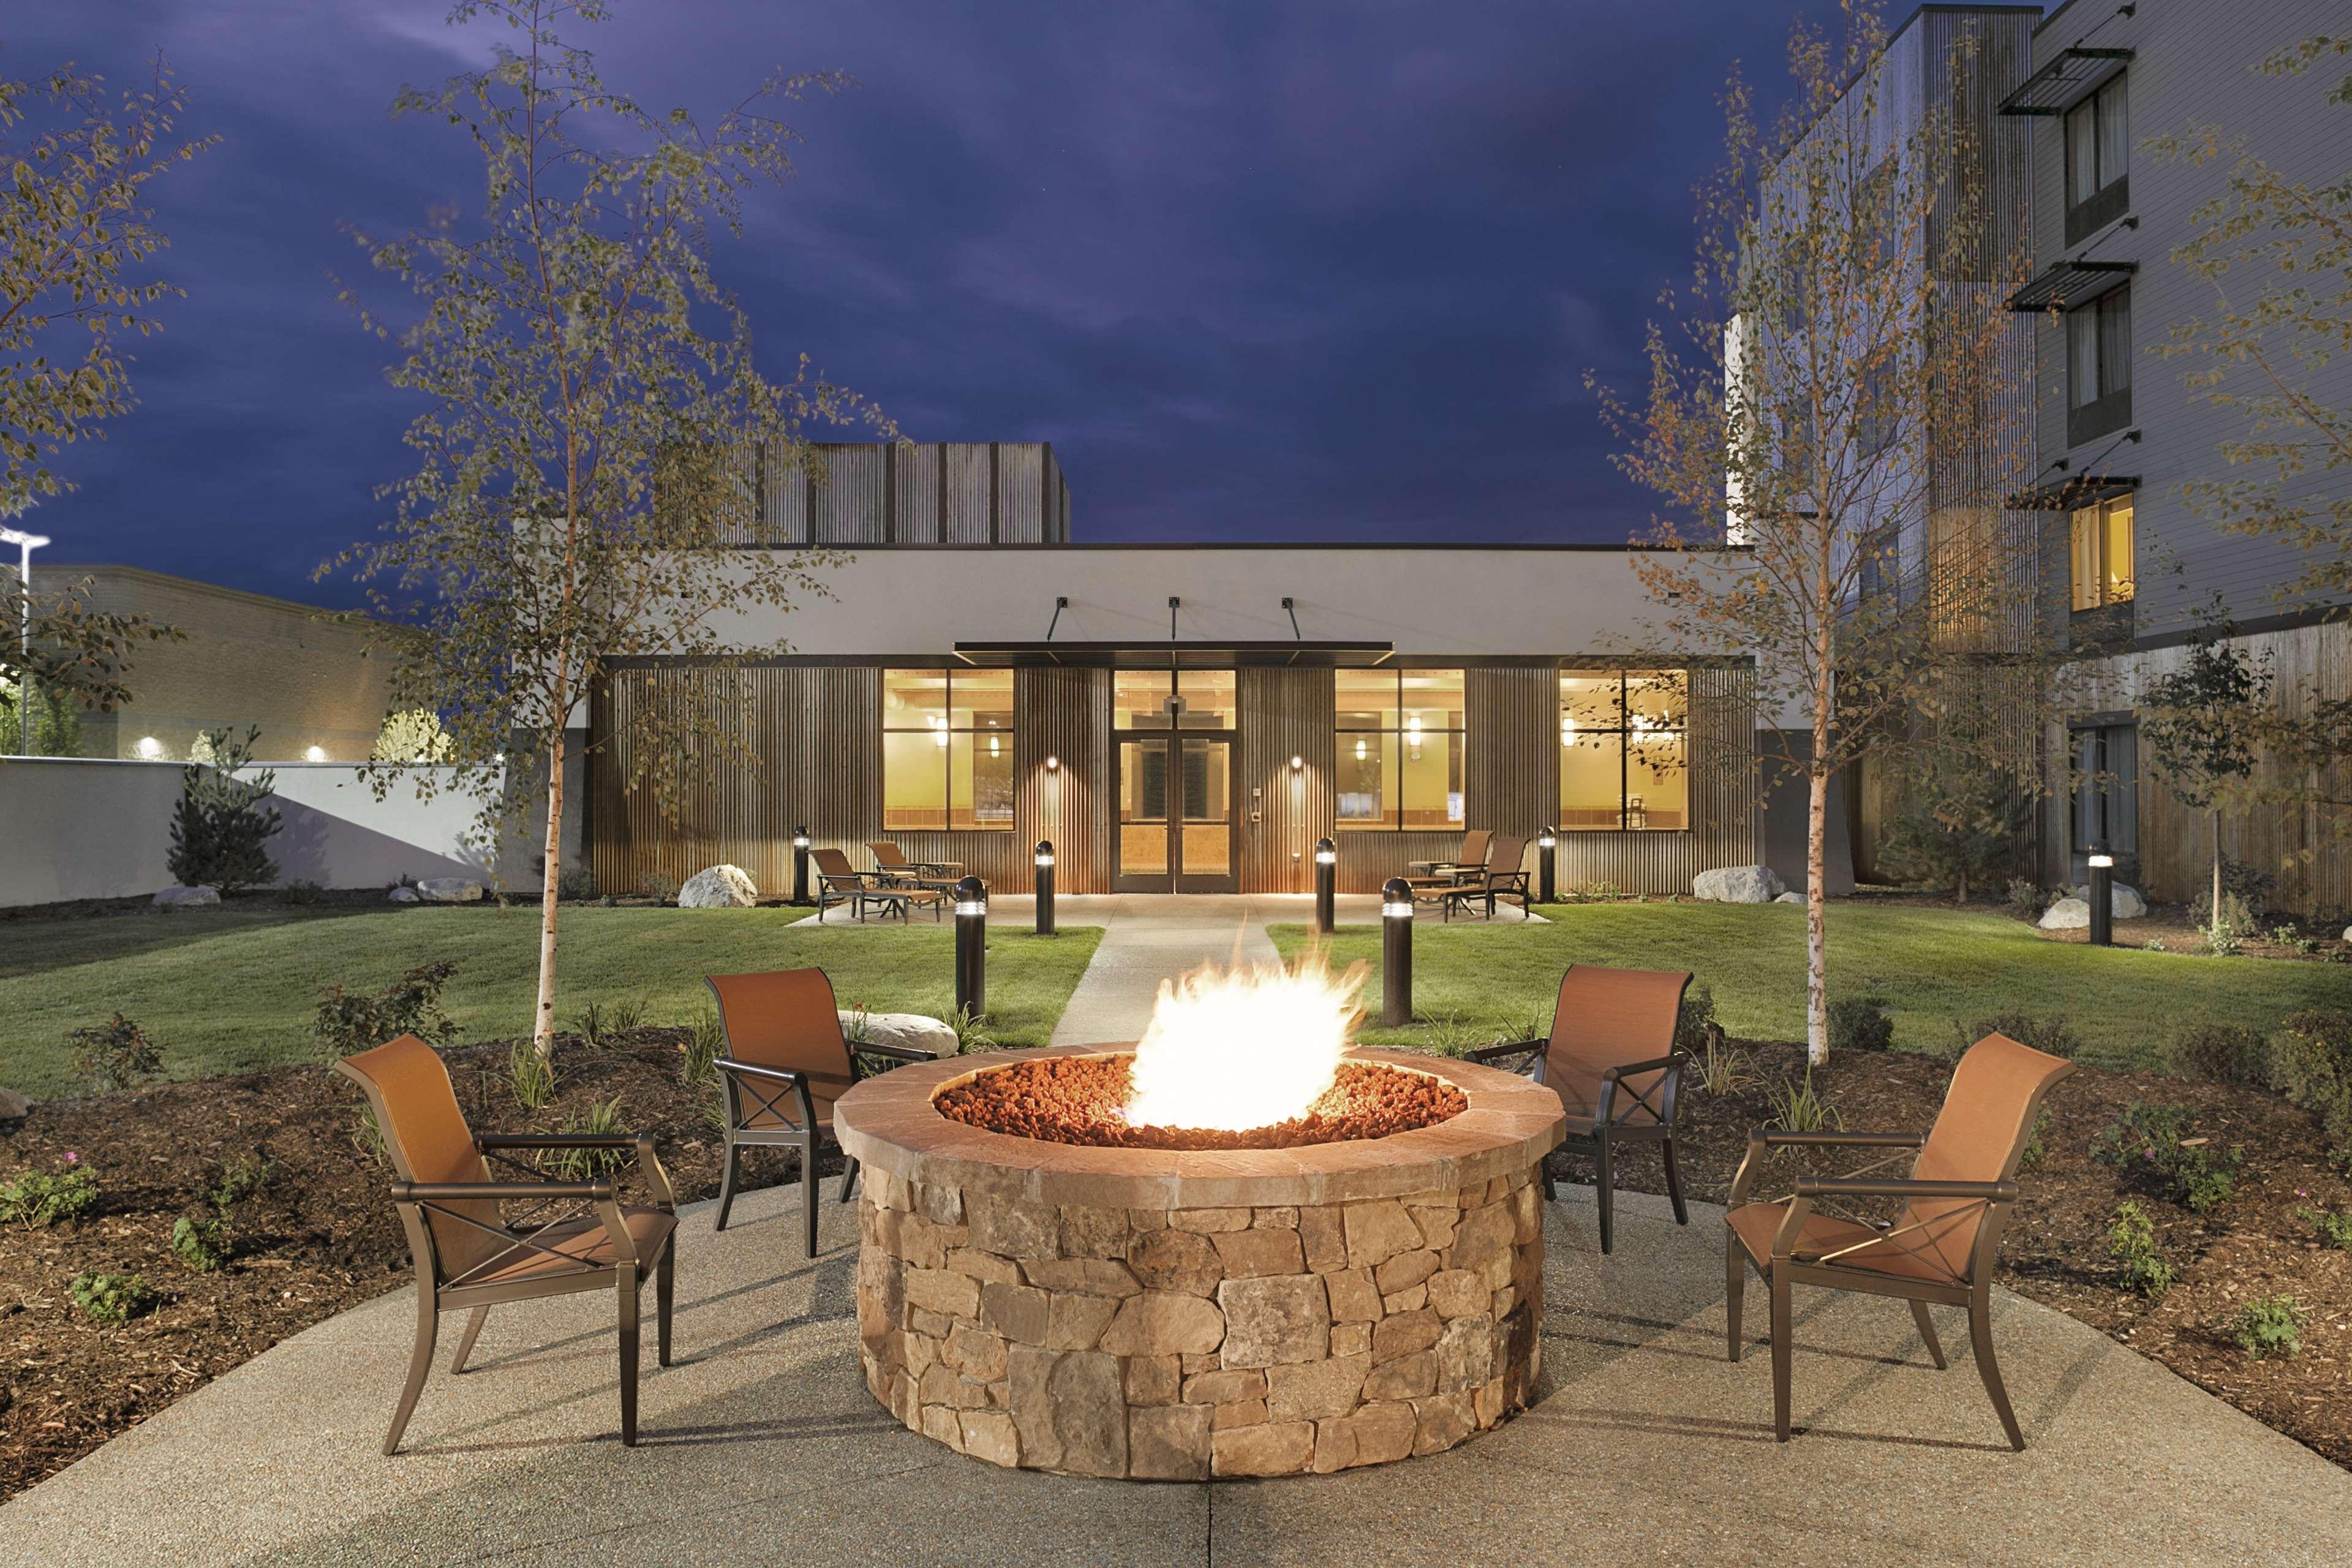 Homewood Suites by Hilton Kalispell, MT image 2